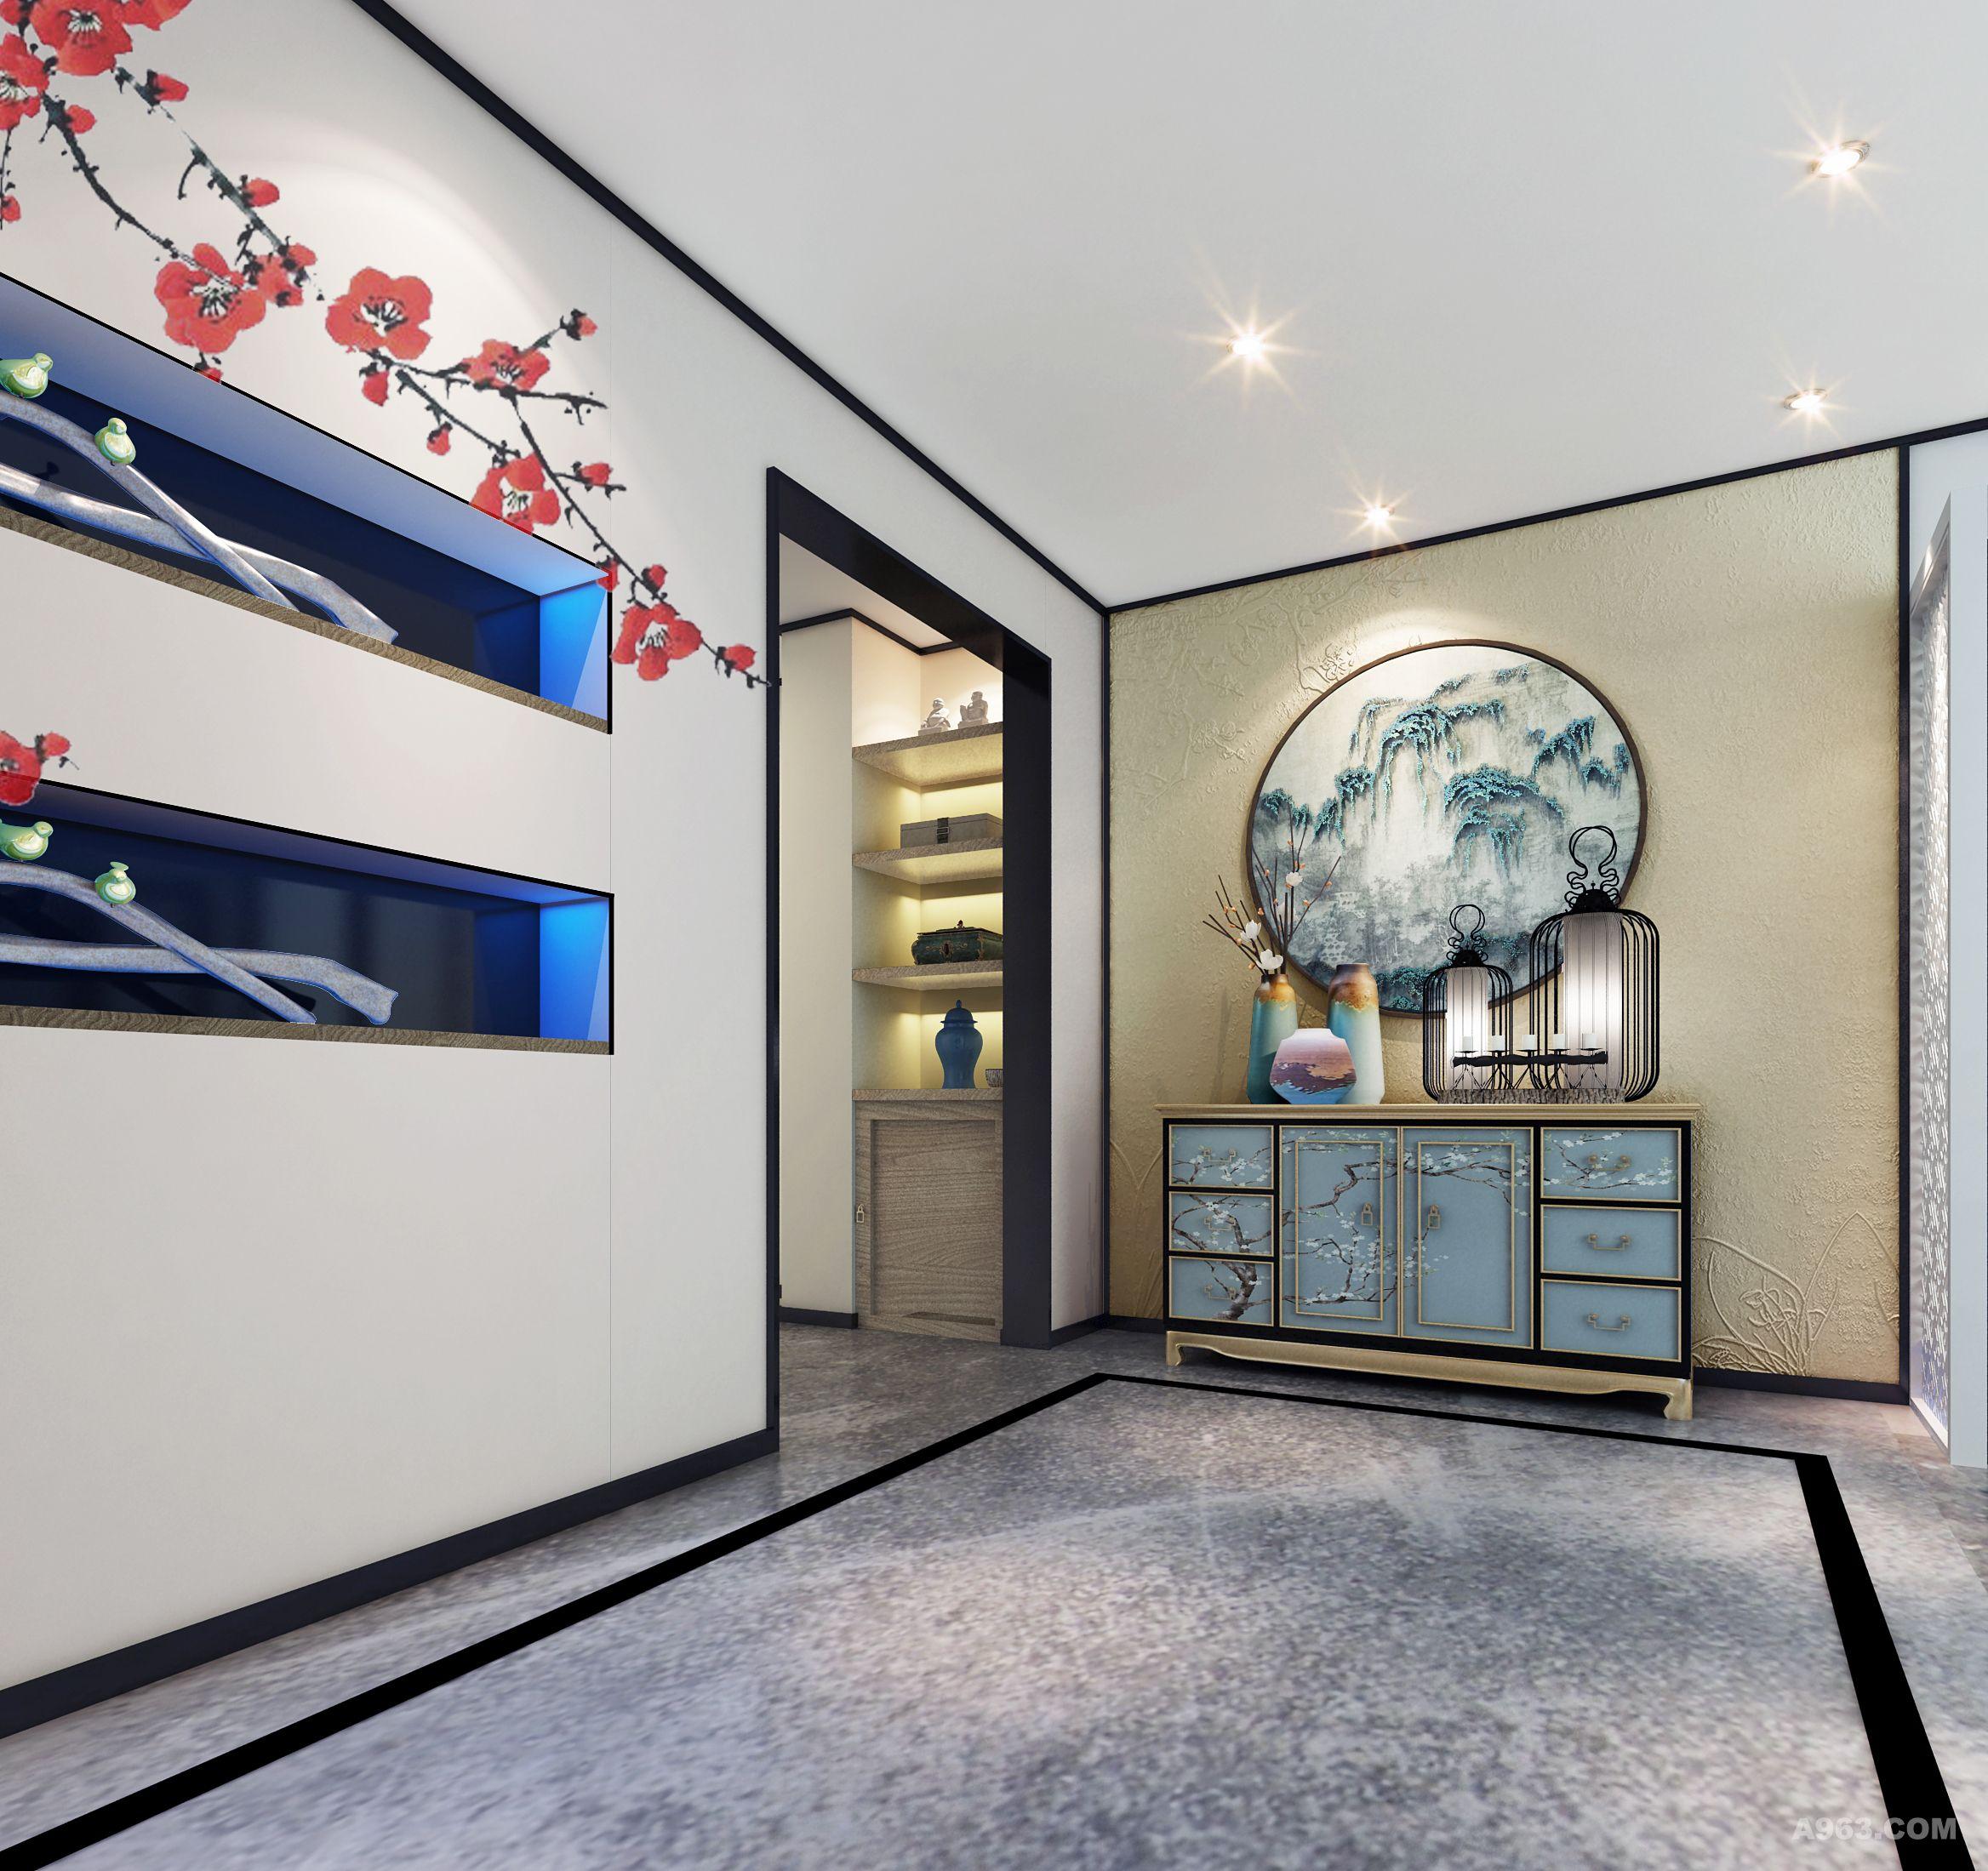 本案例为中国传统的旗袍服装店,将简约的中式元素体现在此空间中,用